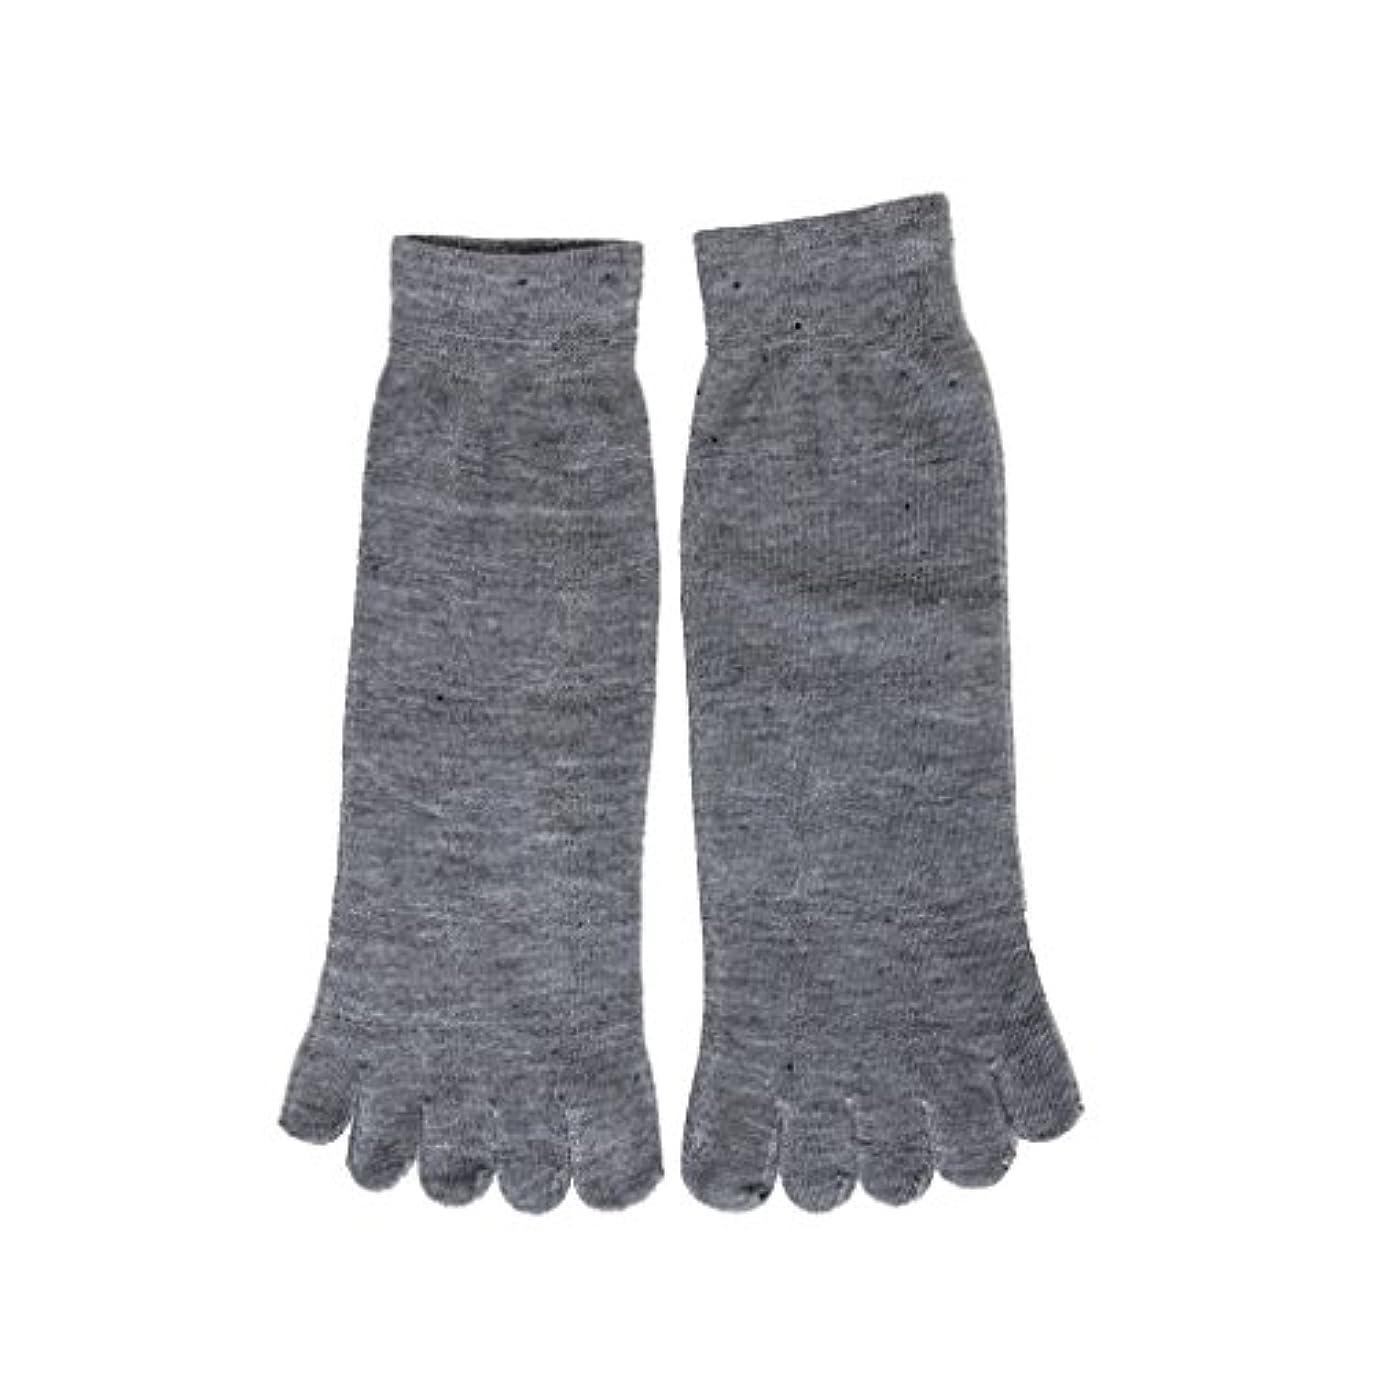 シュガーコウモリ背の高い【Footful】ソックス 靴下 くつ下 五本指ソックス サポートソックス 全4色 (ライトグレー)